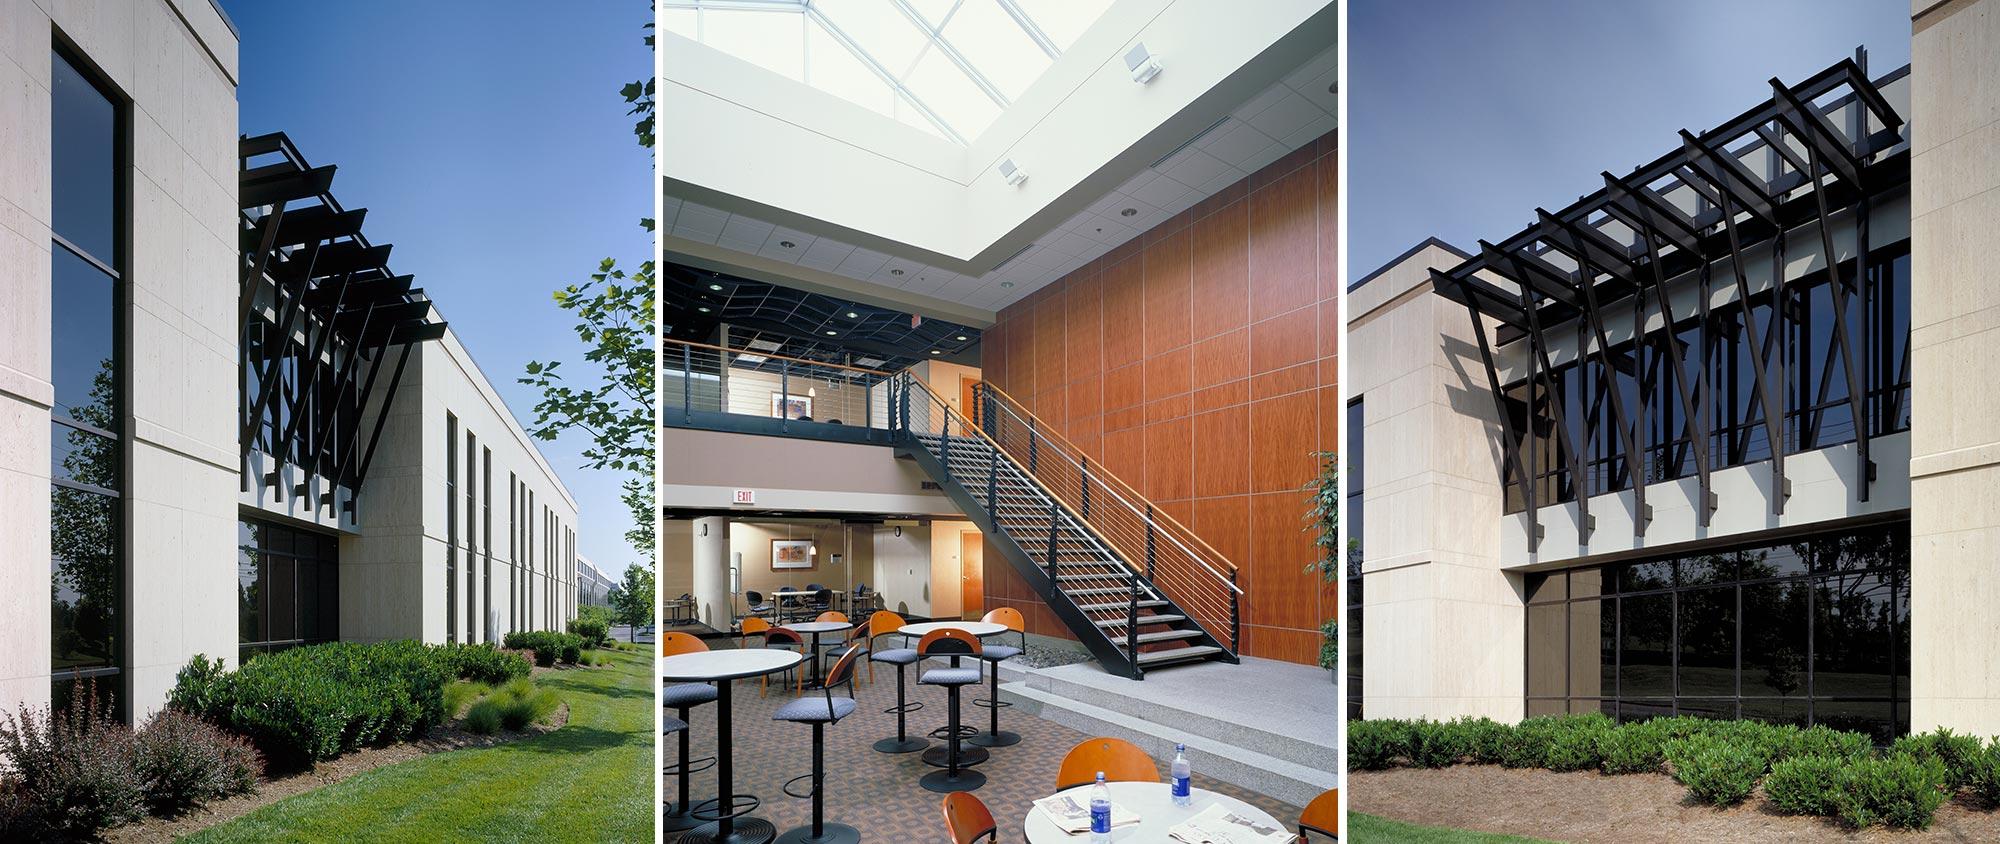 HCA Corporate Office Building #3